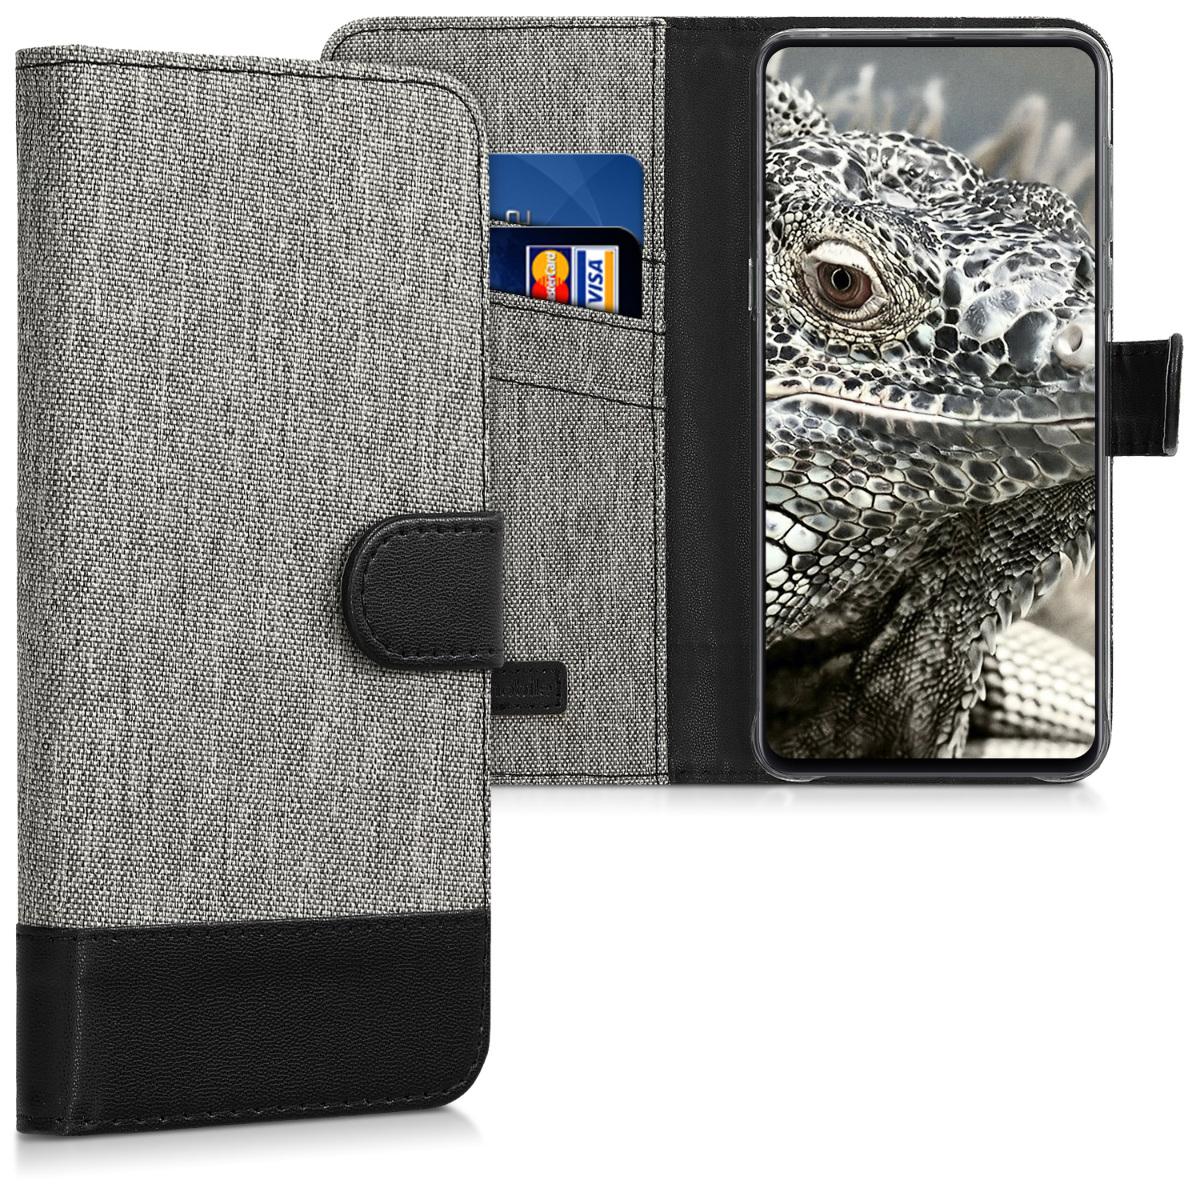 KW Θήκη Πορτοφόλι Xiaomi Mi Mix 3 - Grey / Black (46341.22)